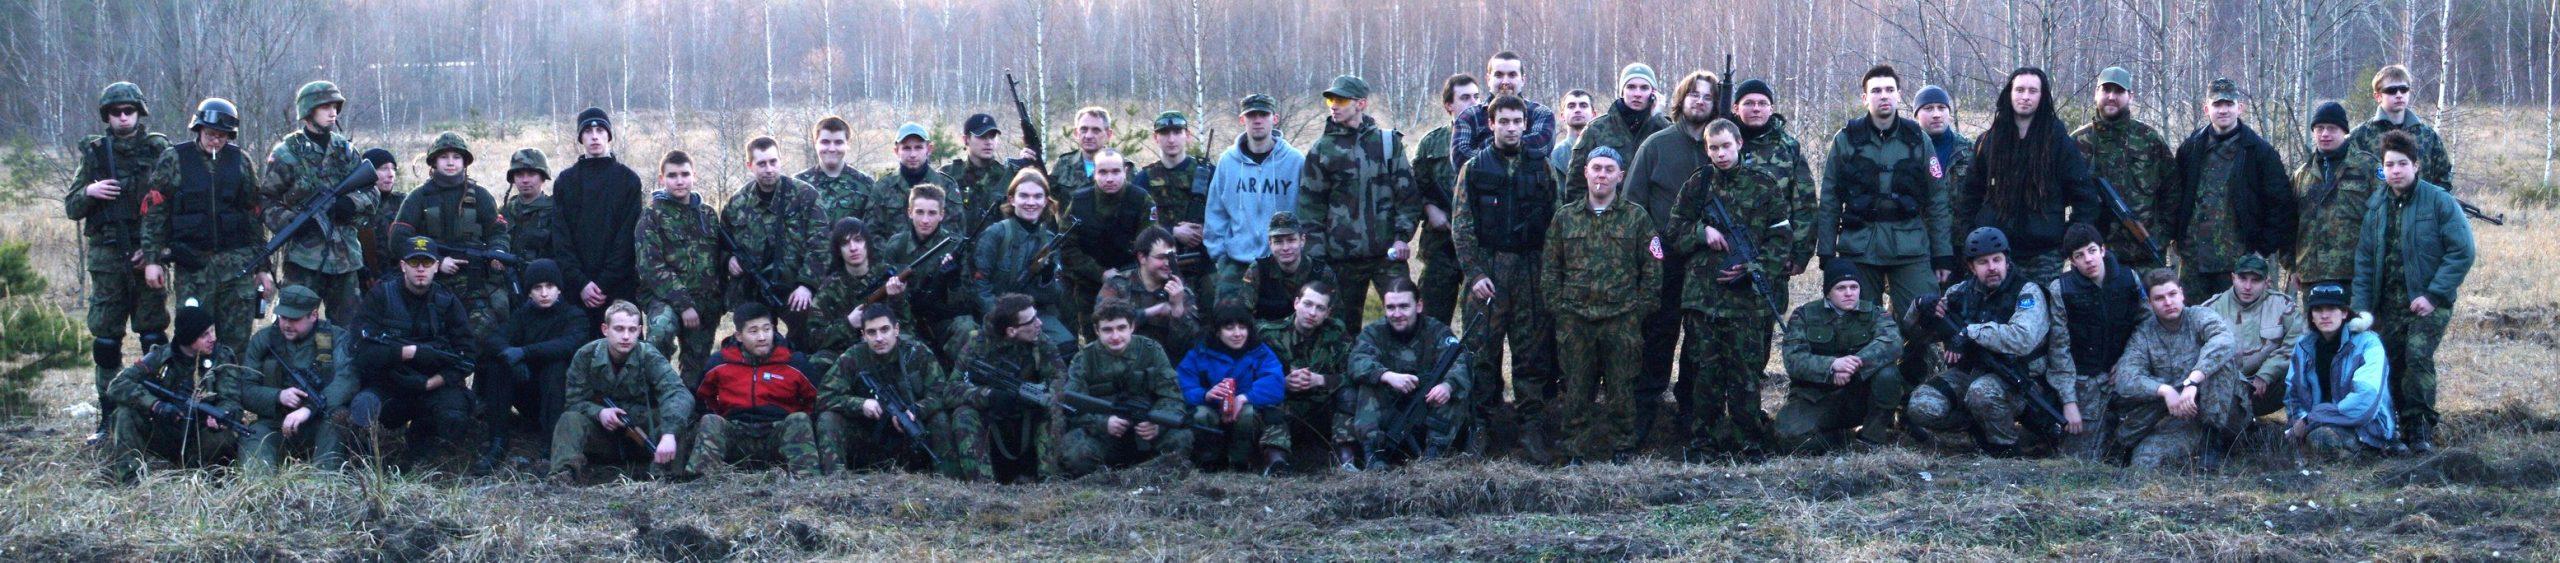 2007 Black Hawk Down